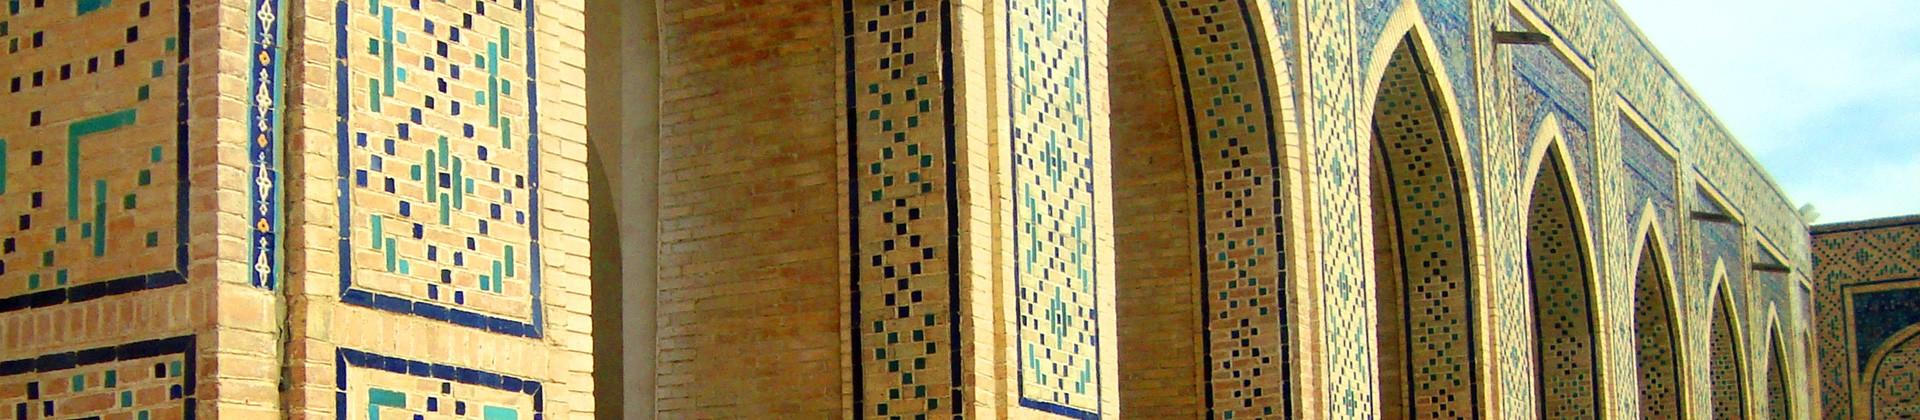 Miri Arab Madrasah - 1